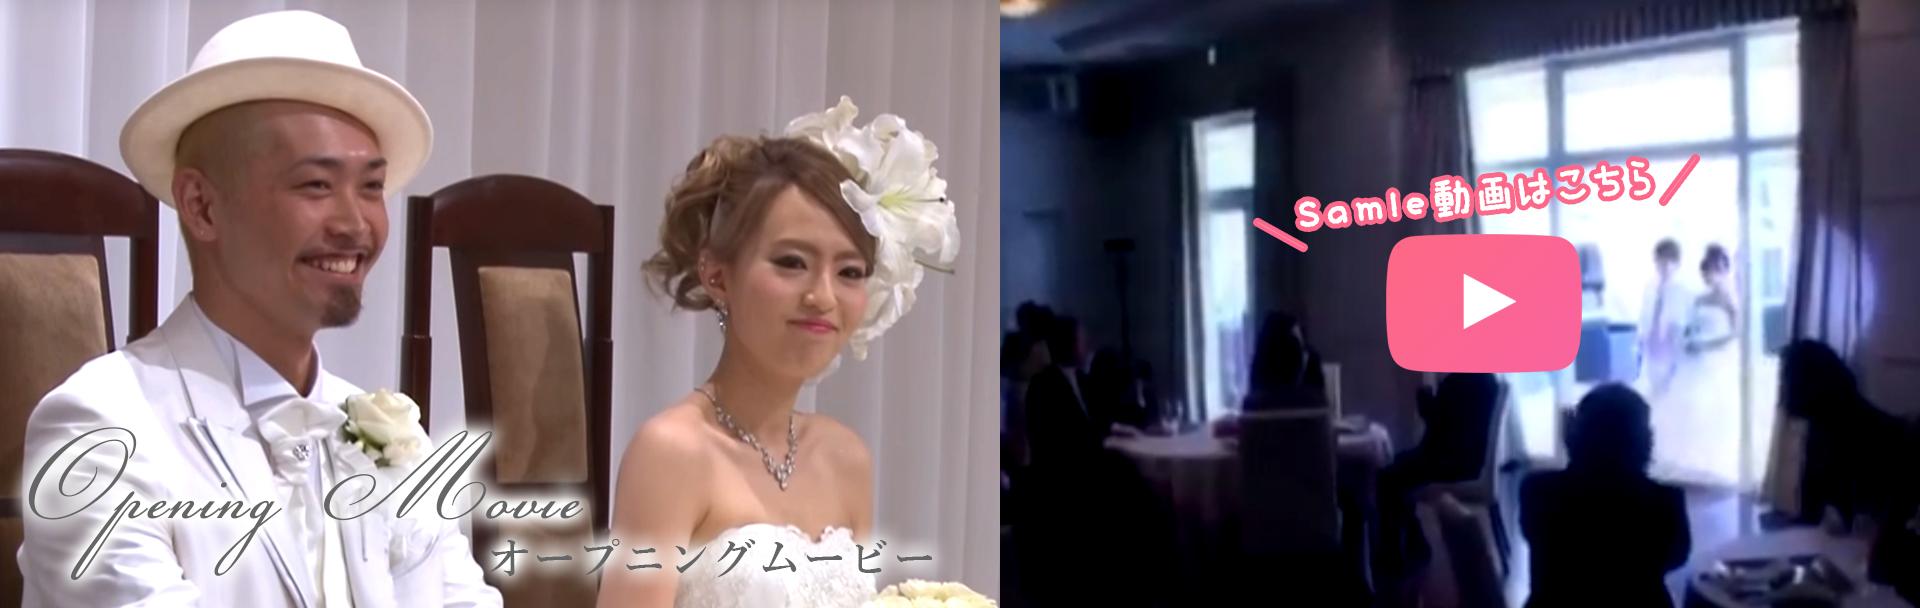 名古屋、愛知、岐阜県の結婚式のオープニングムービー